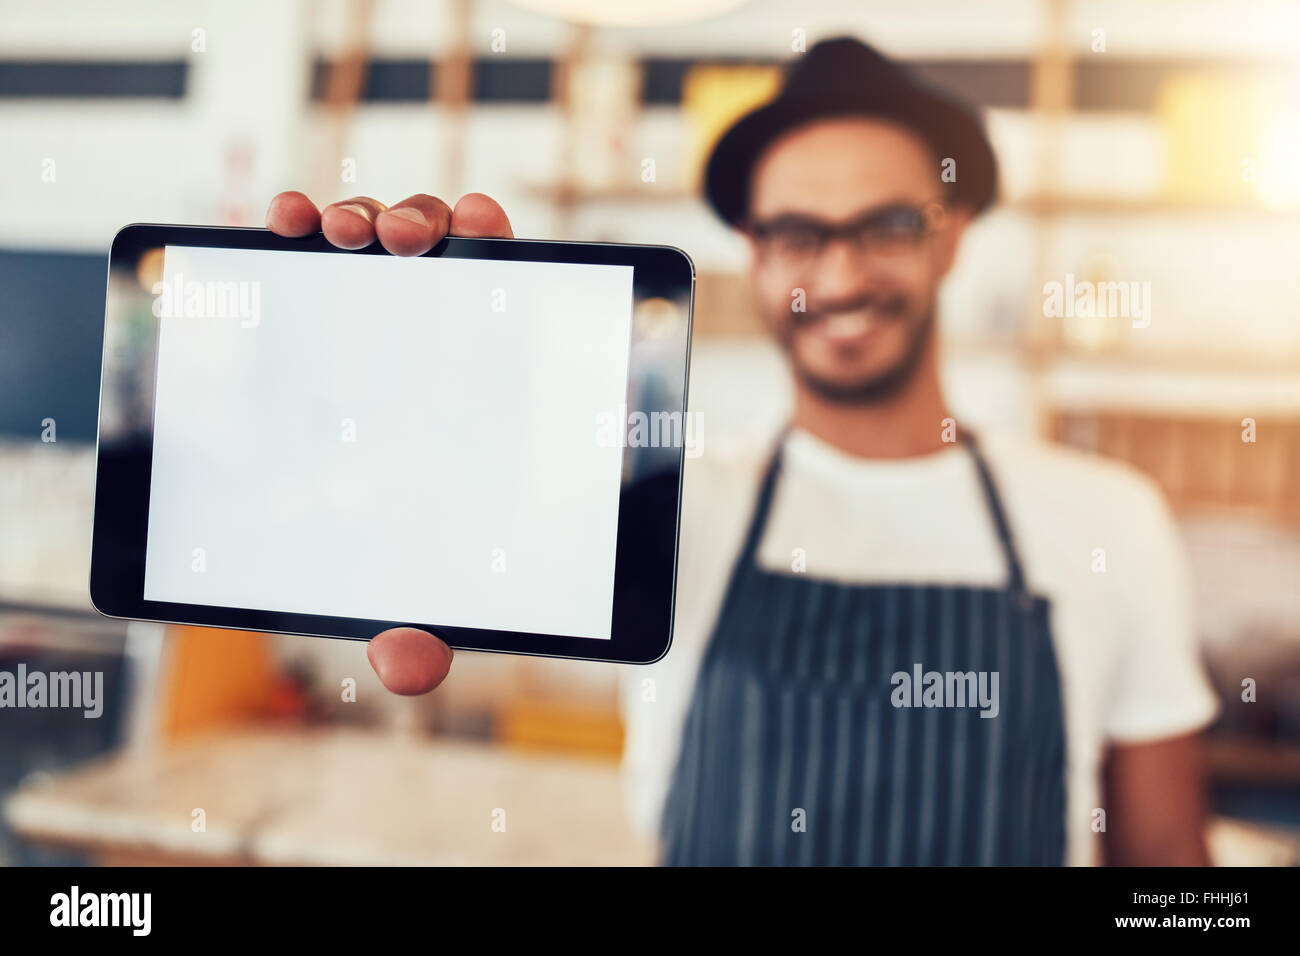 Porträt eines Mannes hält eine digital-Tablette mit ein leeres Display hautnah. Mann arbeitet im Café mit einem Stockfoto